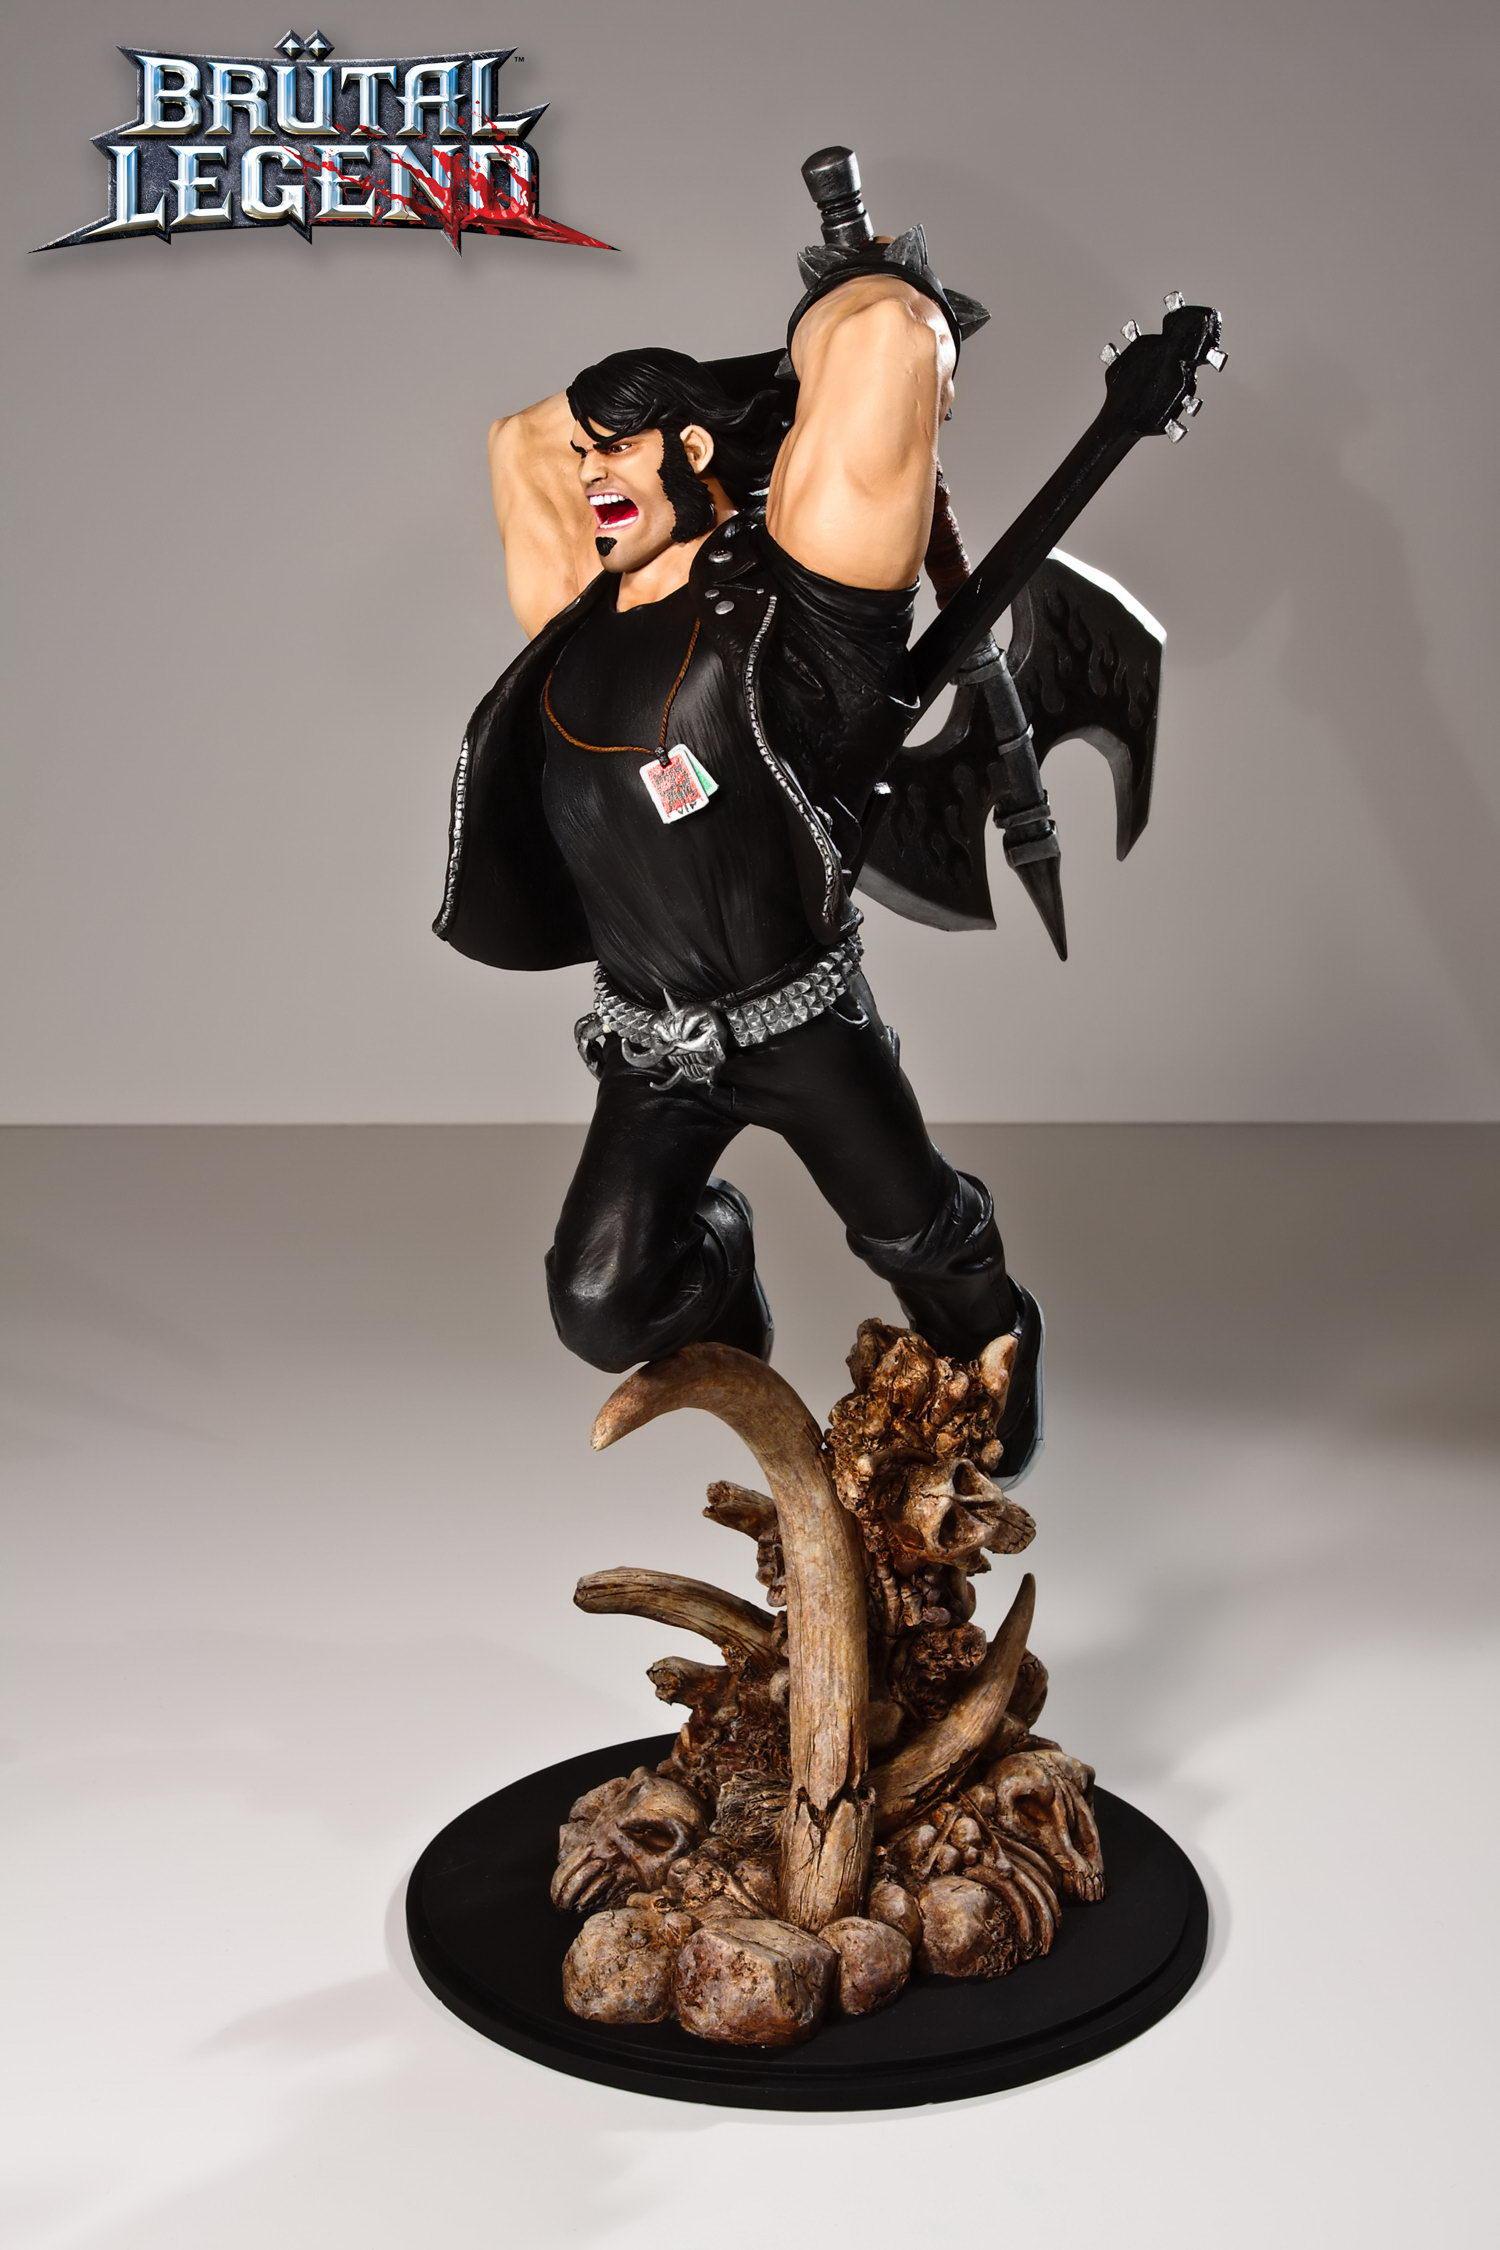 BrutalLegend EddieRiggs Figurine002